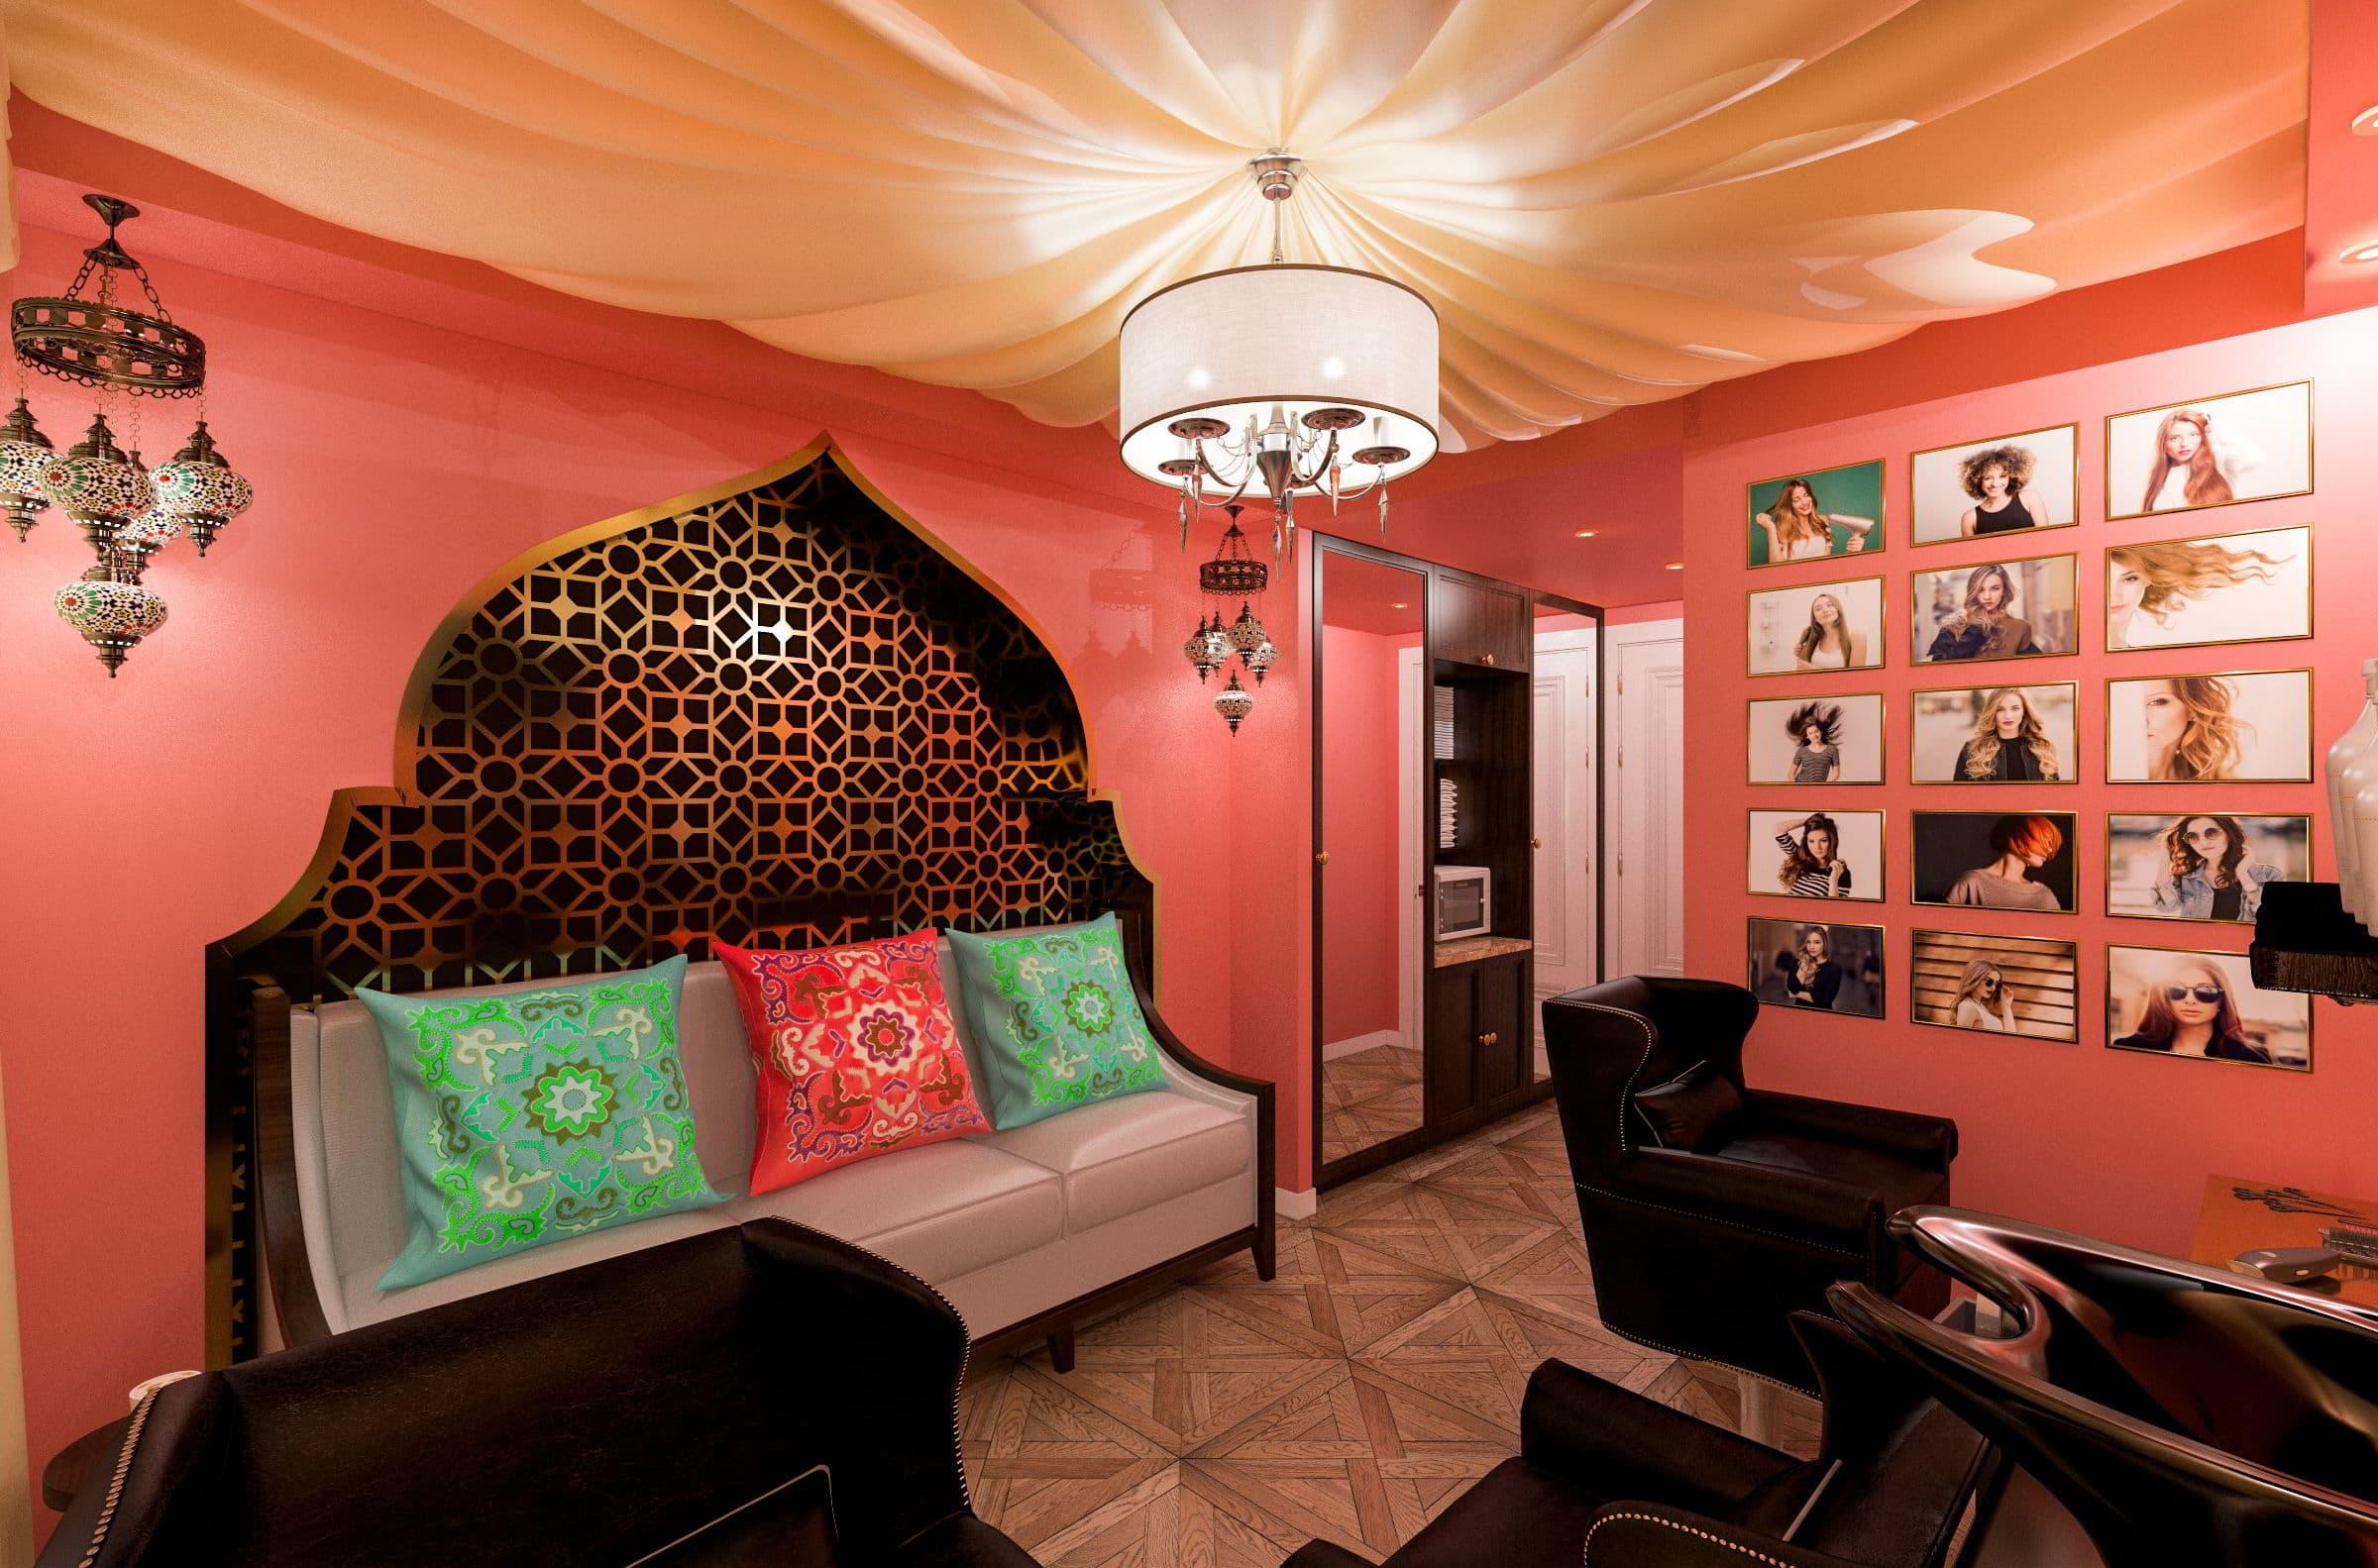 дизайн интерьера парикмахерской в турецком стиле фото, зеркала, мойка, кресла, паркет, потолок из ткани 2